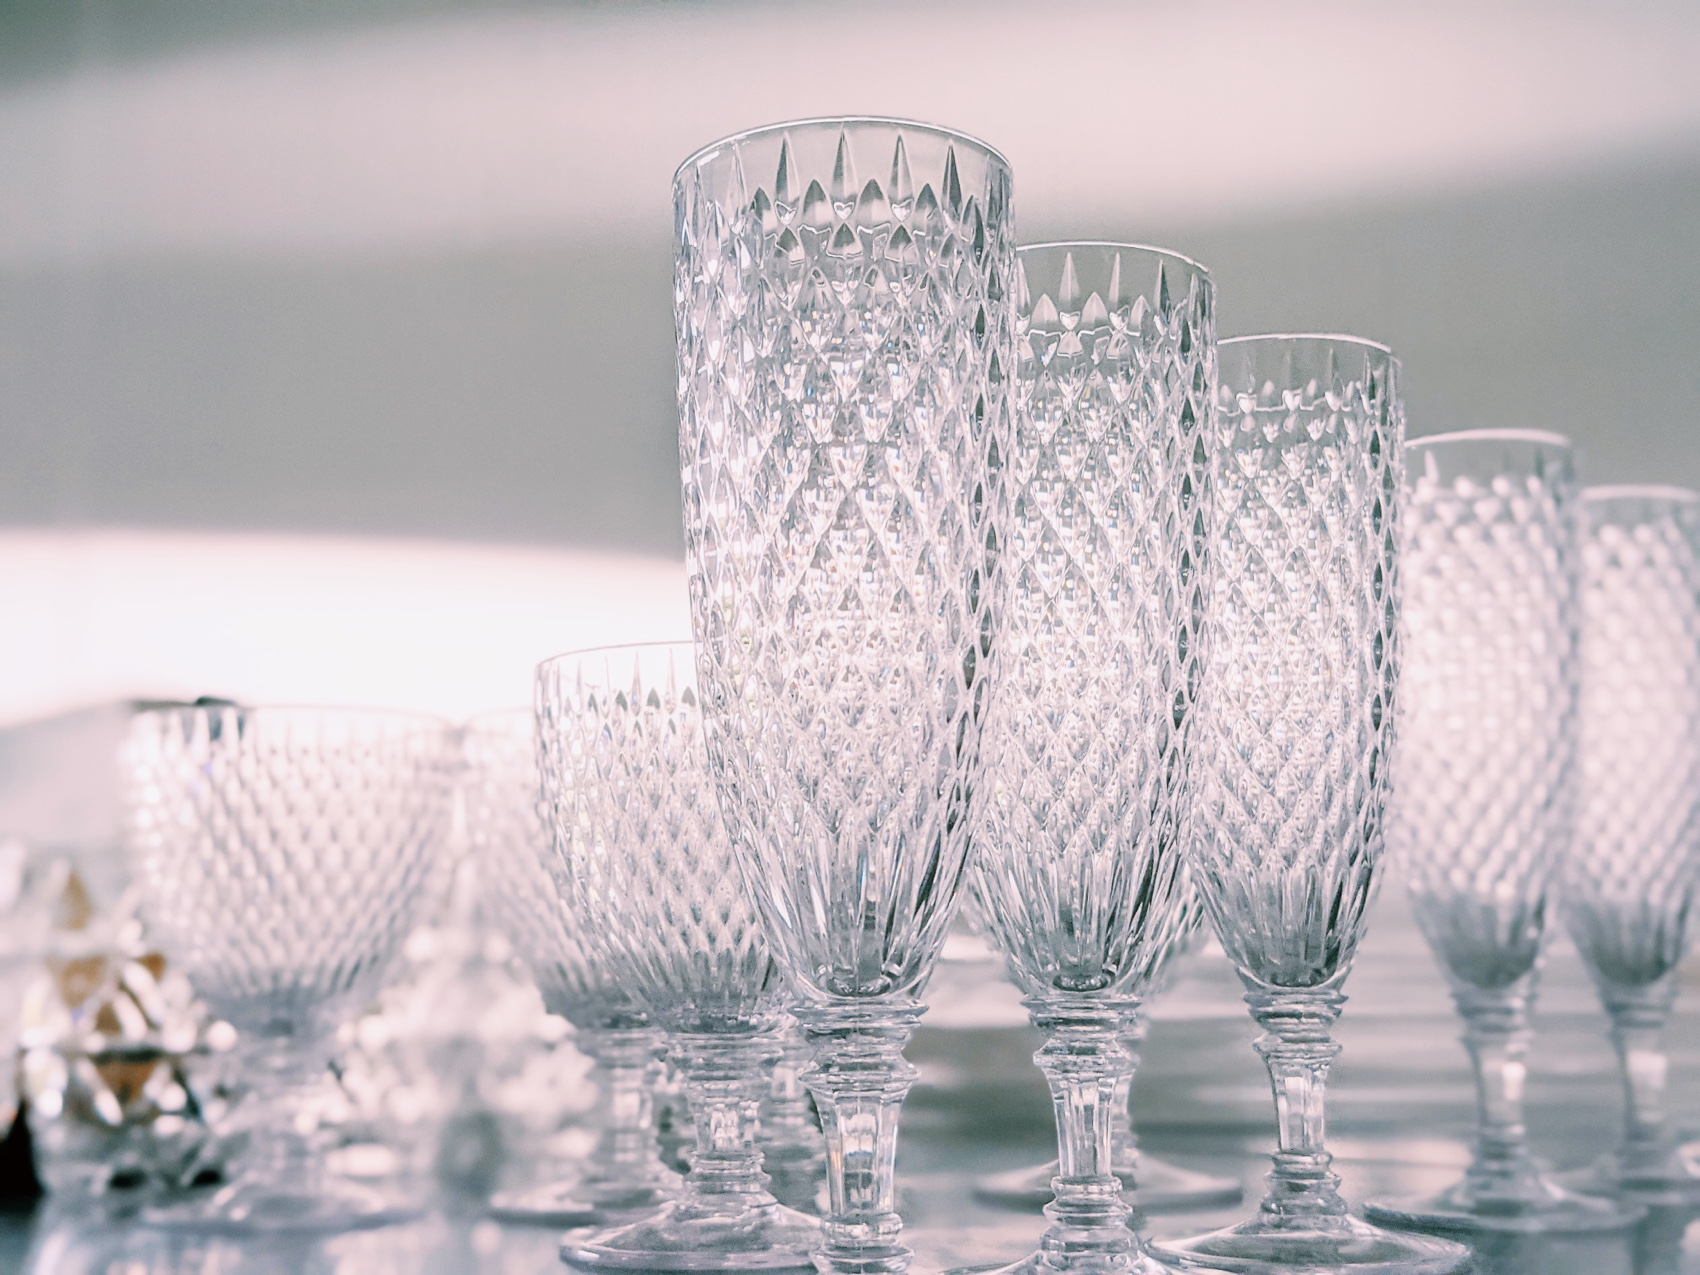 グラス 食器 アブラサスホテル感想 口コミ